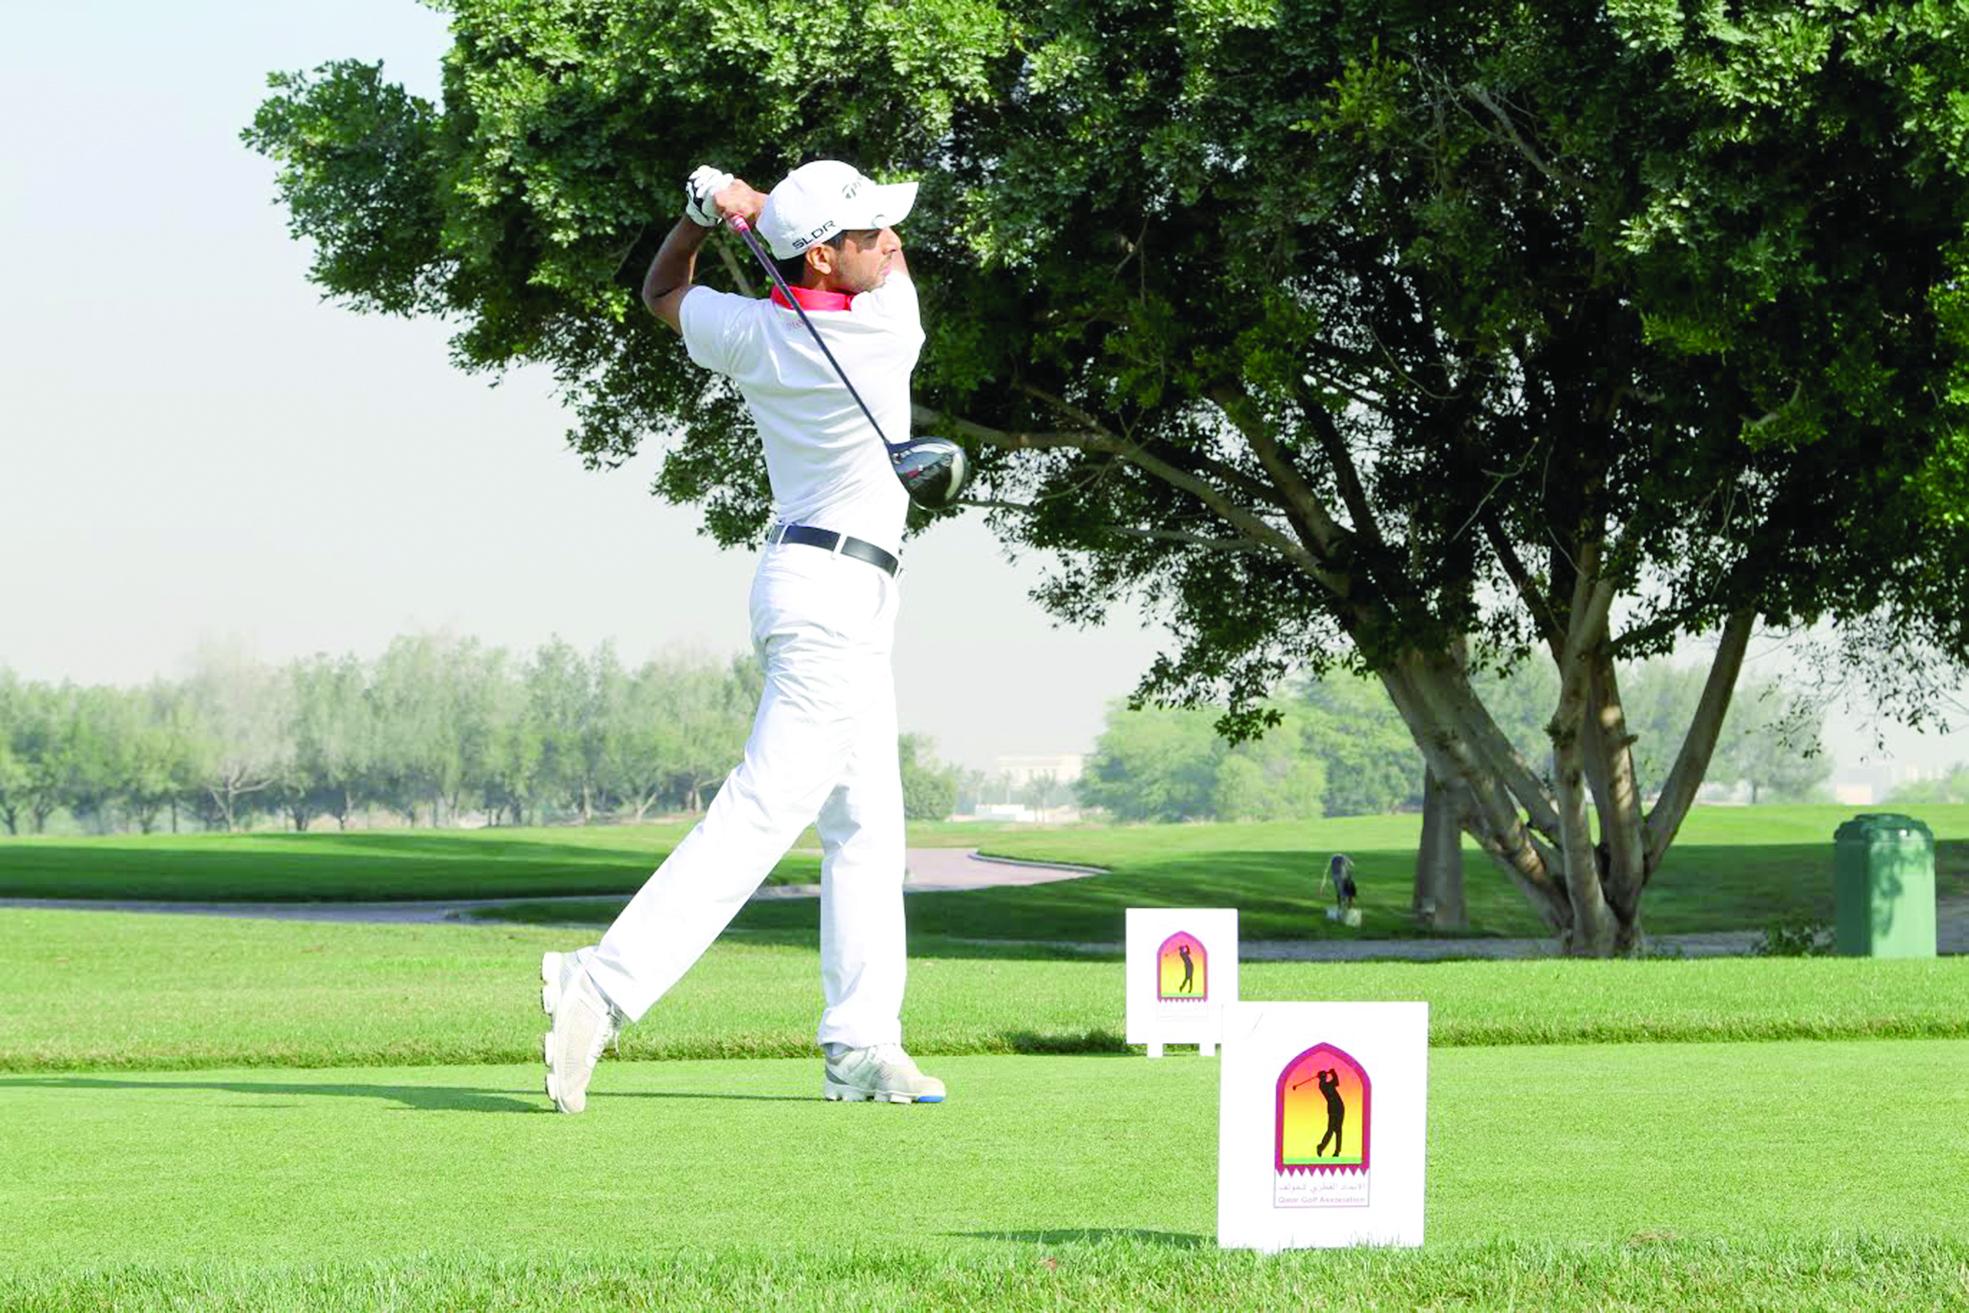 الرمحي يفوز بكاس «برو أم» ويحل رابعاً في بطولة «آيلة للجولف»